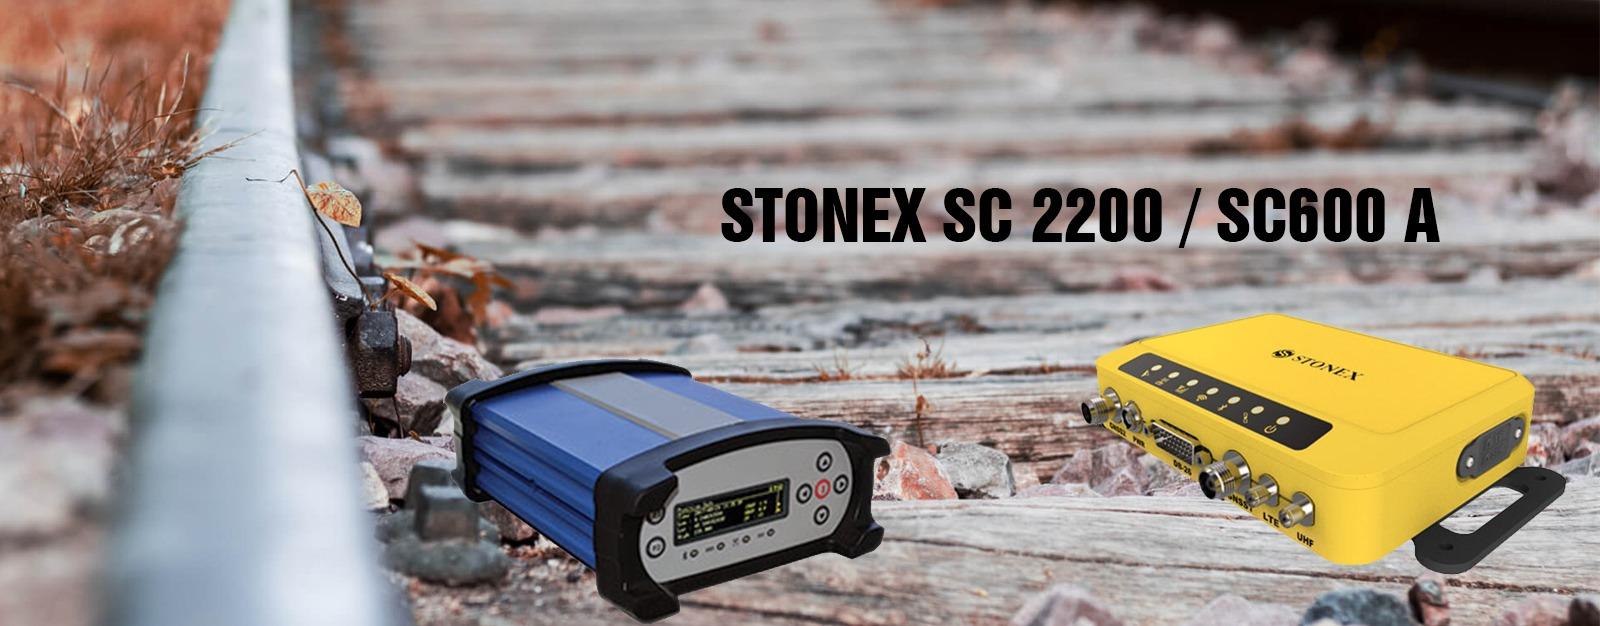 sc600a